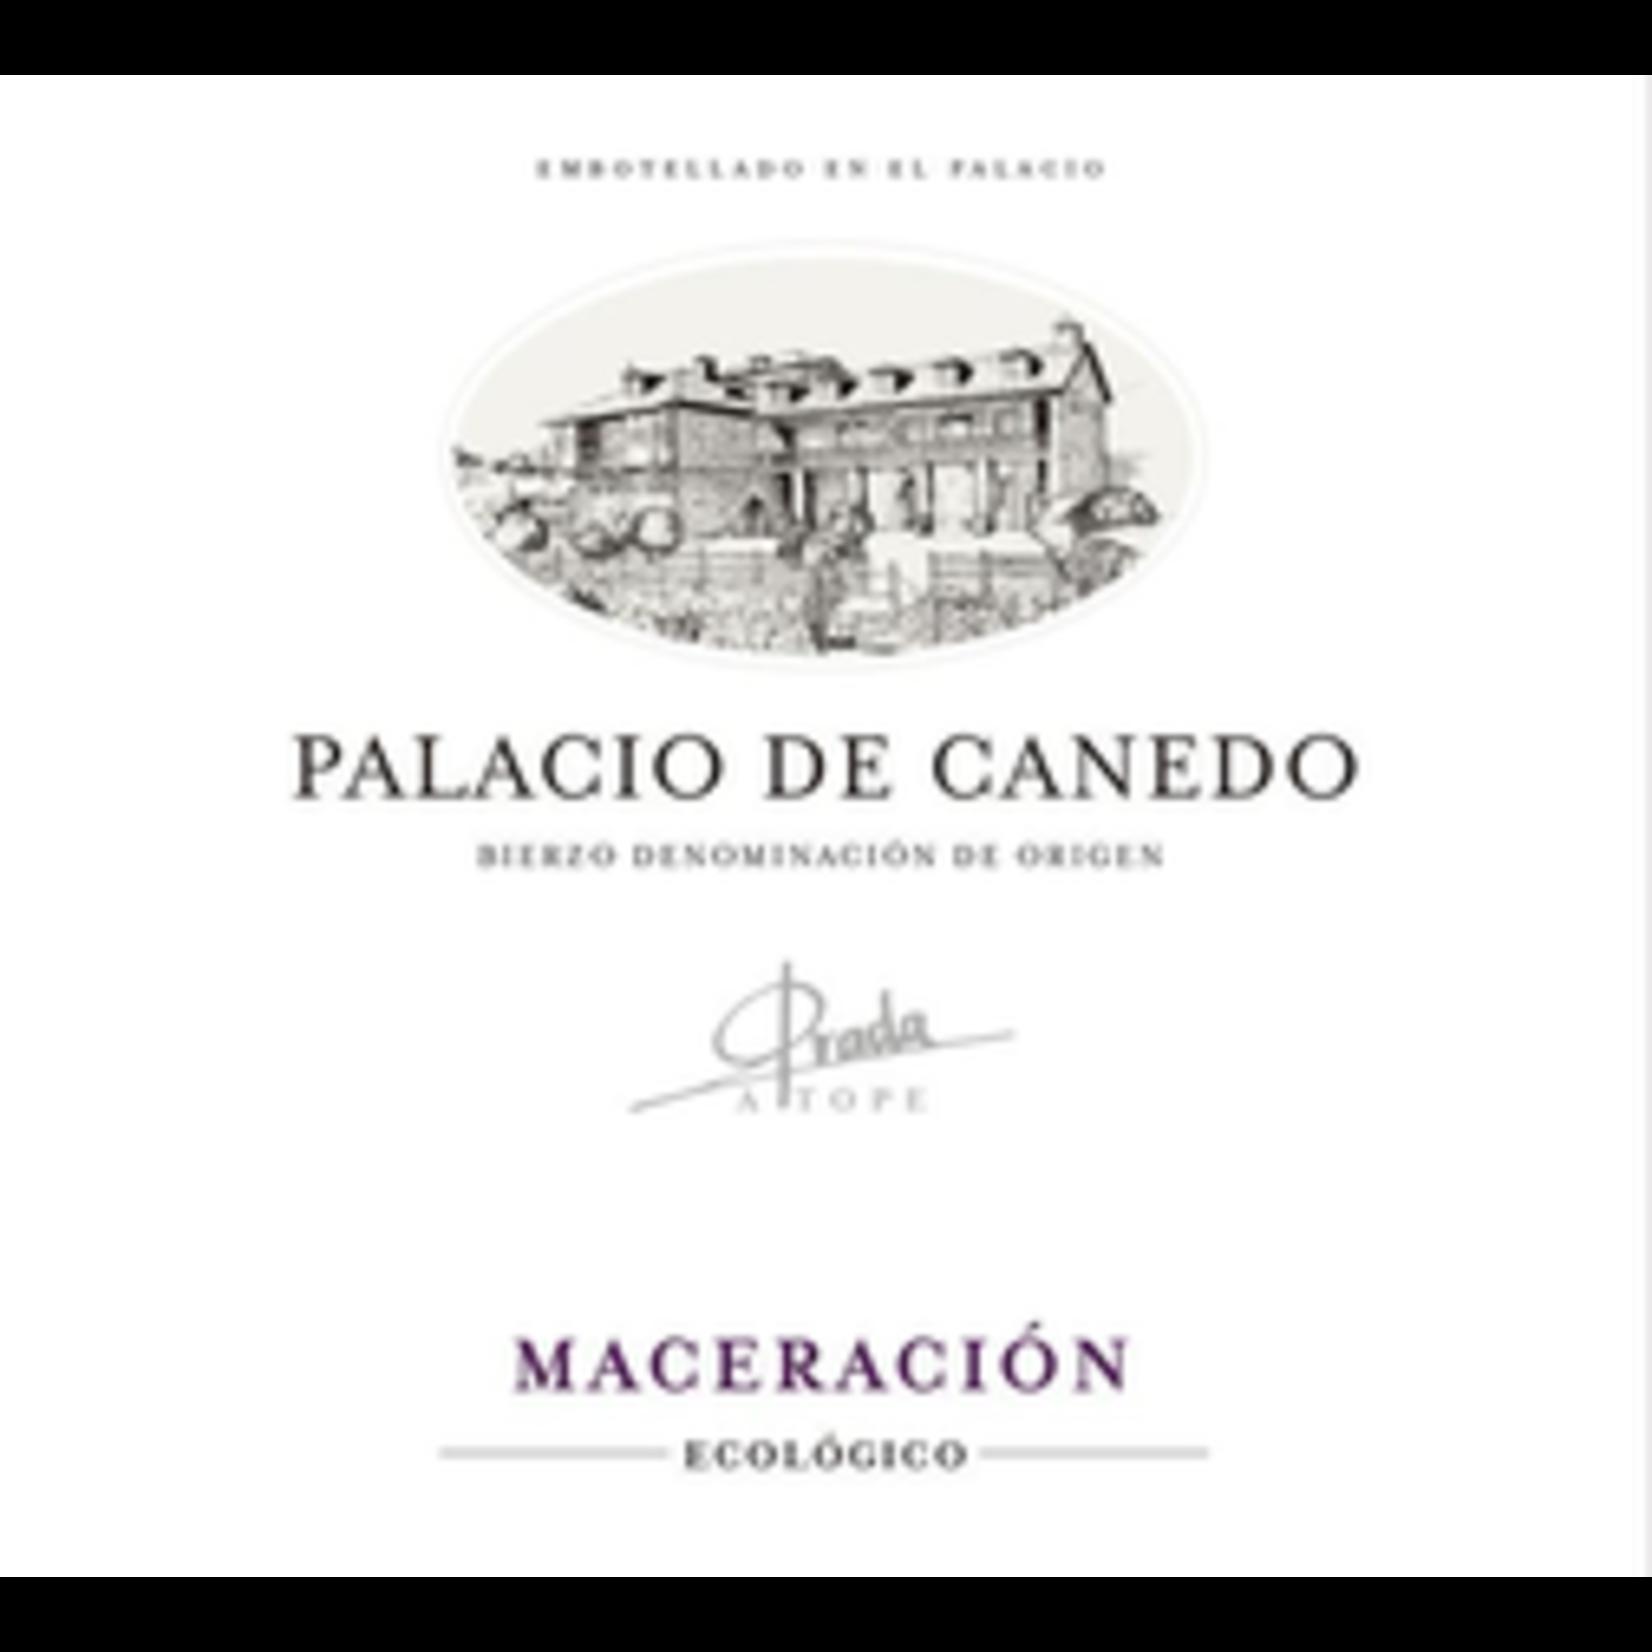 Wine Palacio de Canedo Bierzo Maceracion Mencia 2019